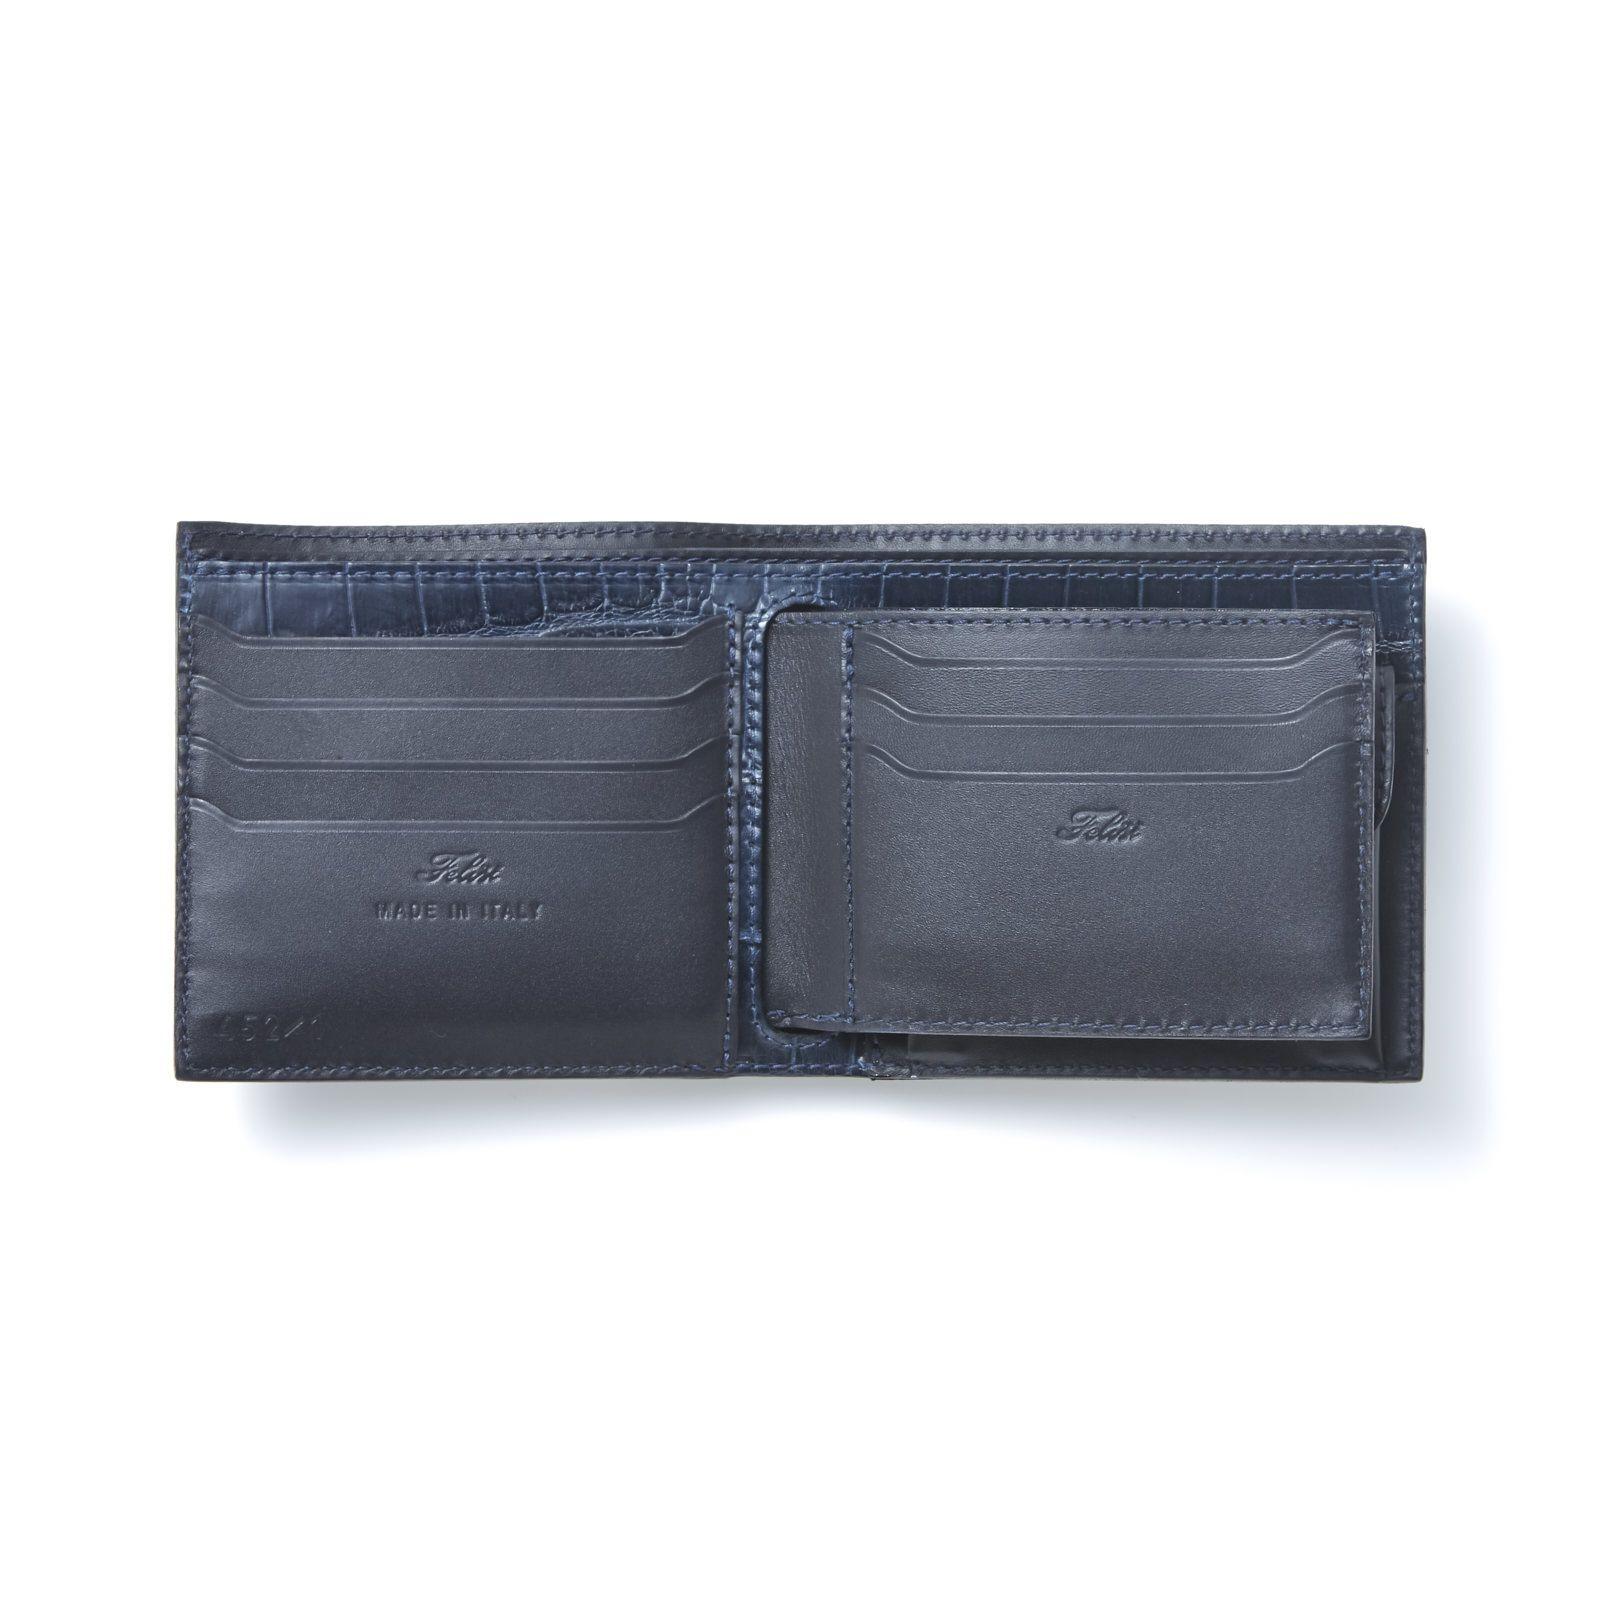 Felisi二つ折り財布